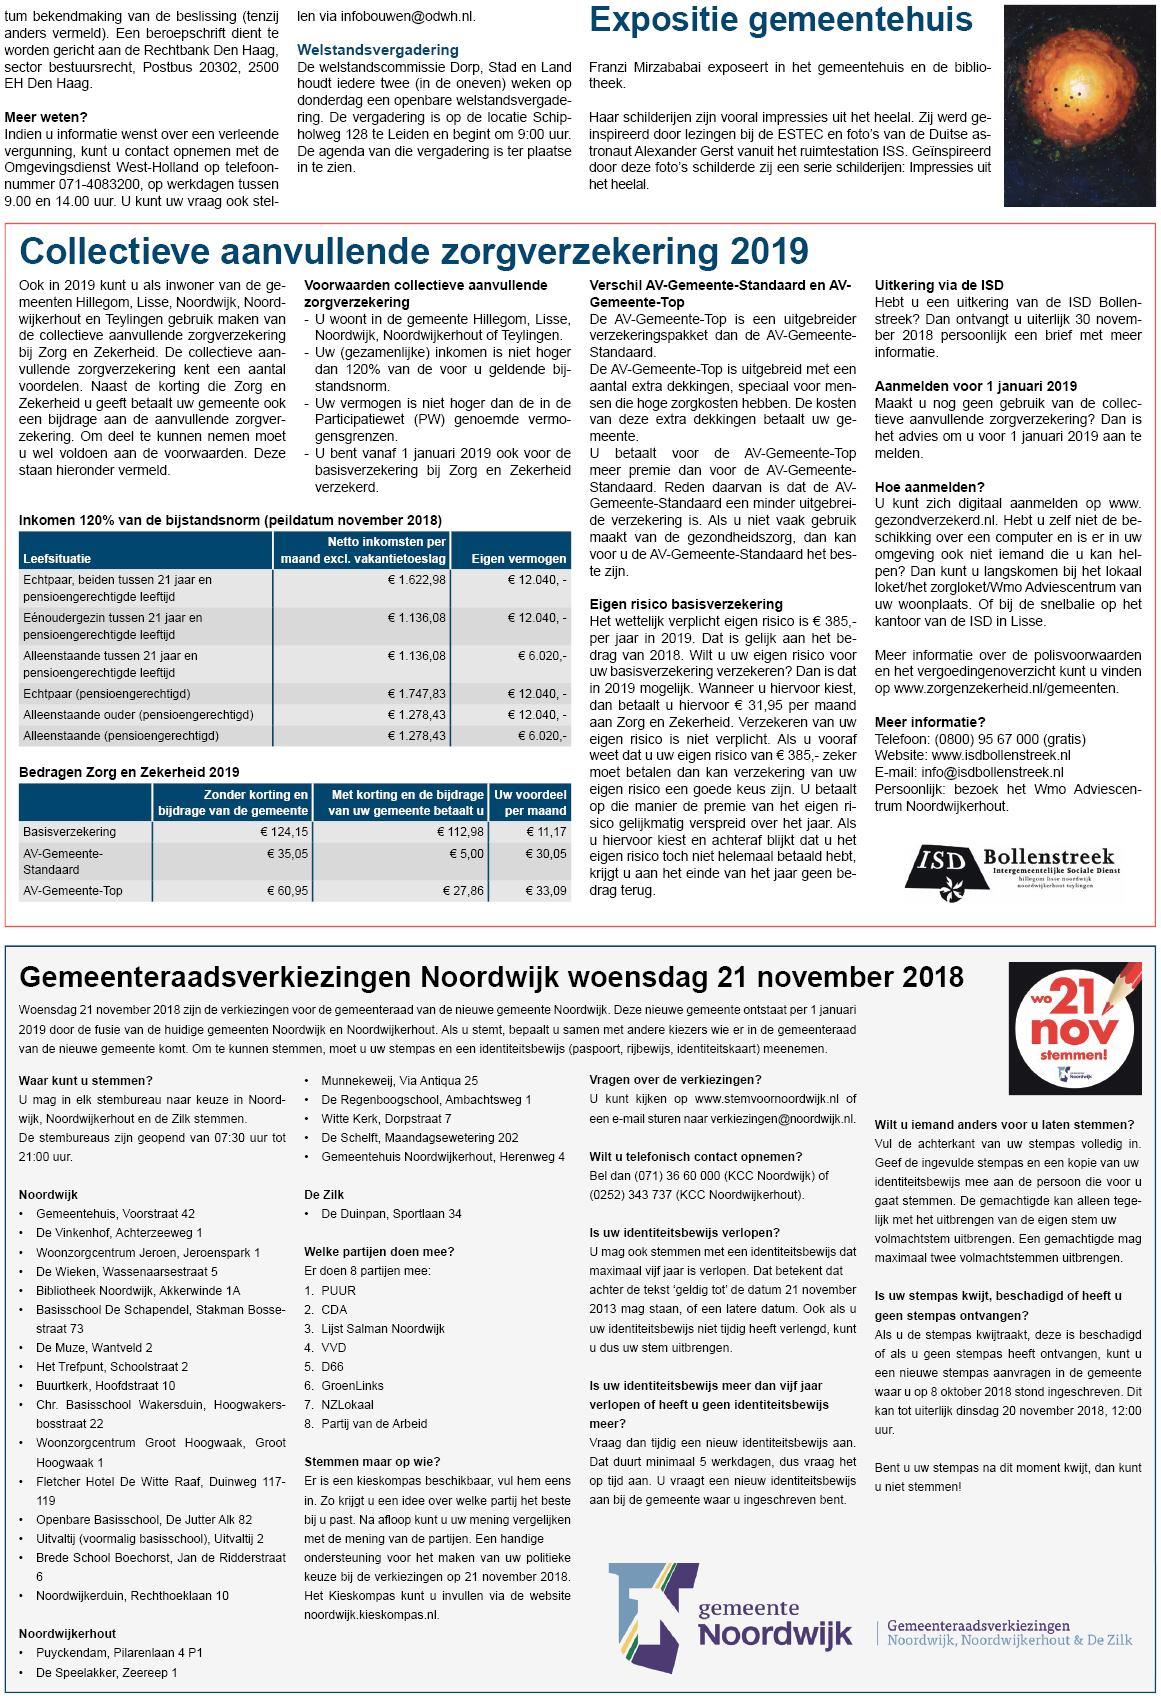 Kleurplaten Ruimtestation.Noordwijkerhouts Weekblad 20 November 2018